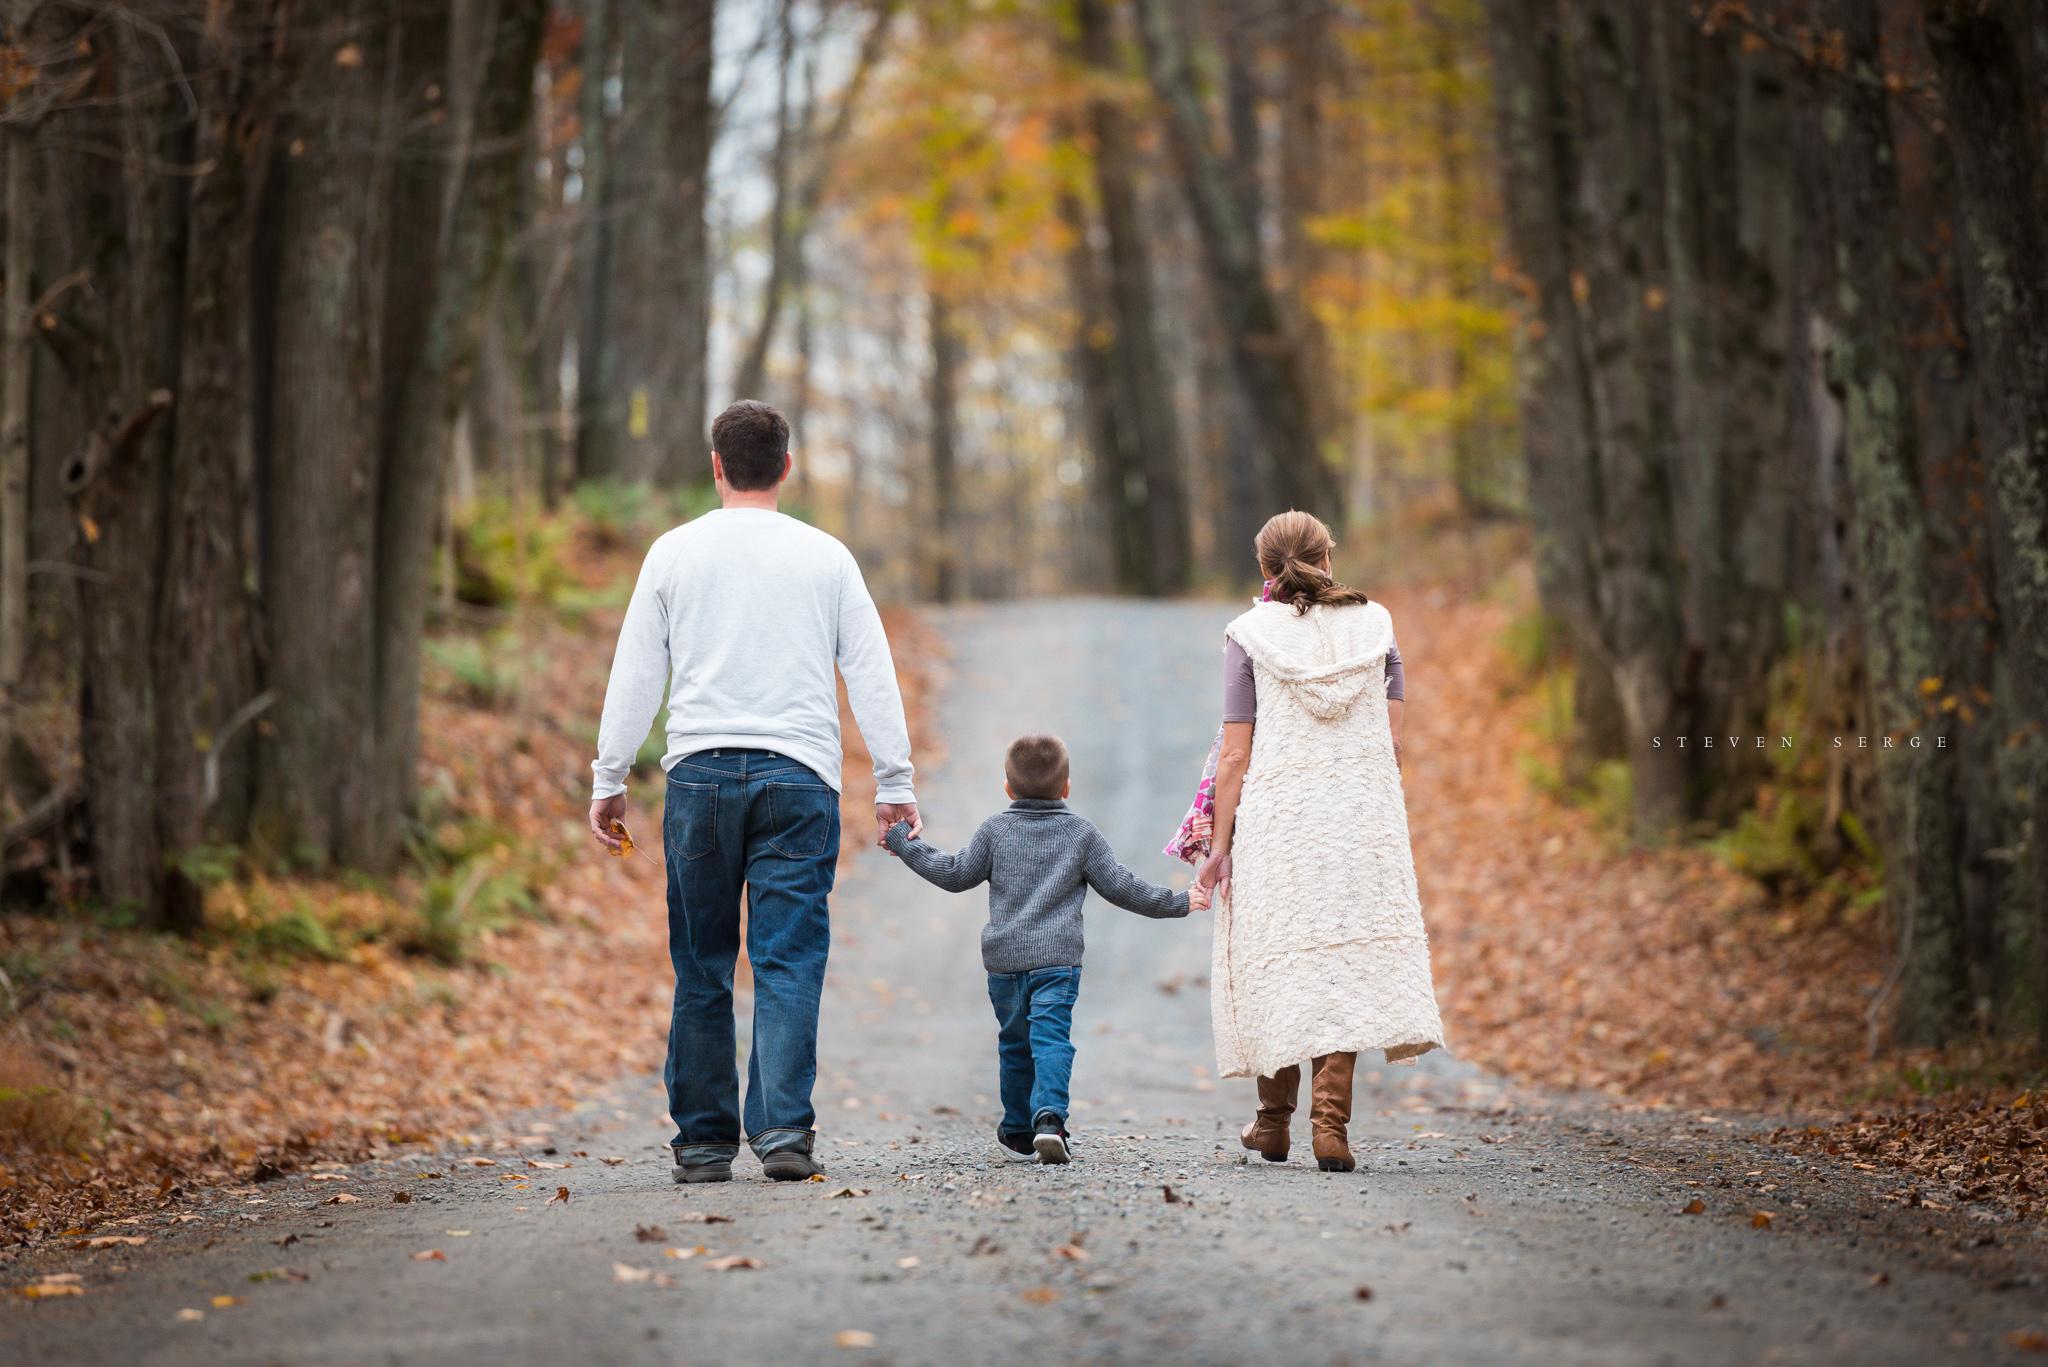 familywalk-1.jpg